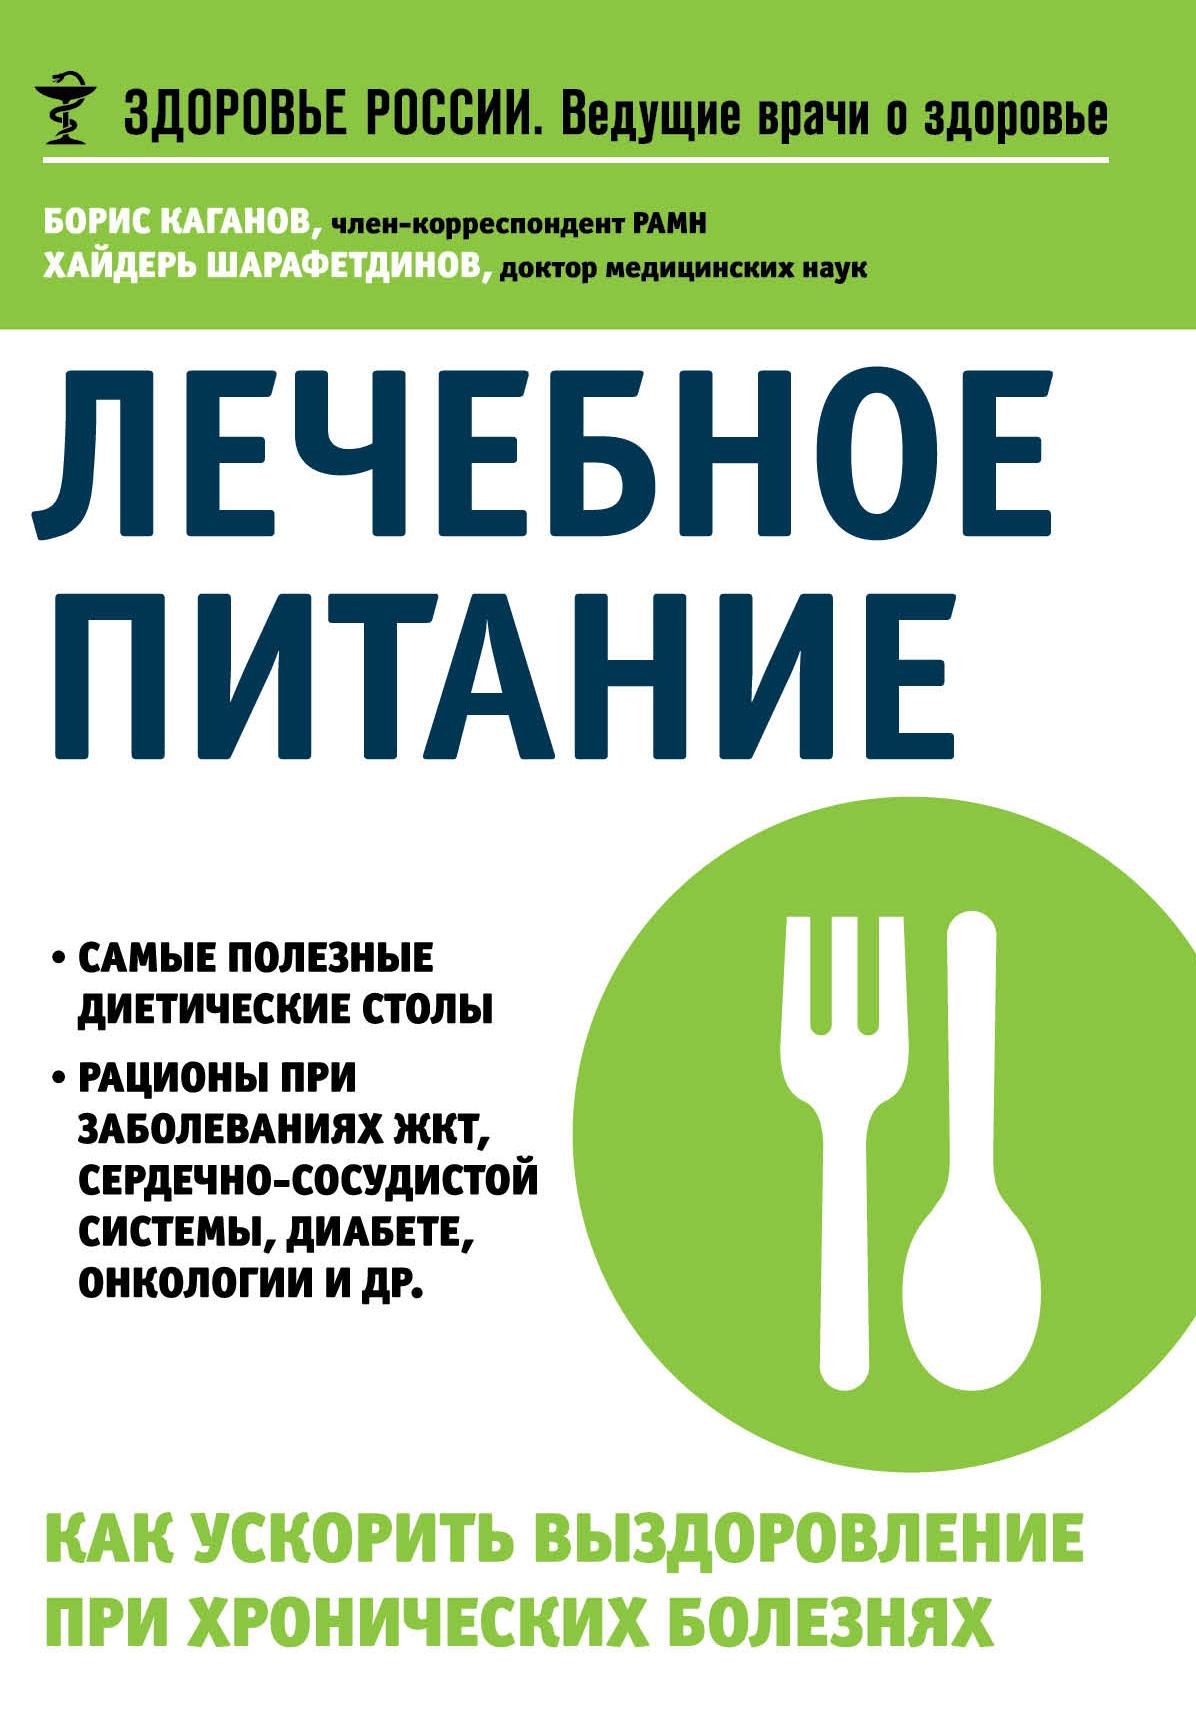 Борис Каганов, Хайдерь Шарафетдинов Лечебное питание. Как ускорить выздоровление при хронических болезнях лечебное питание при хронических заболеваниях